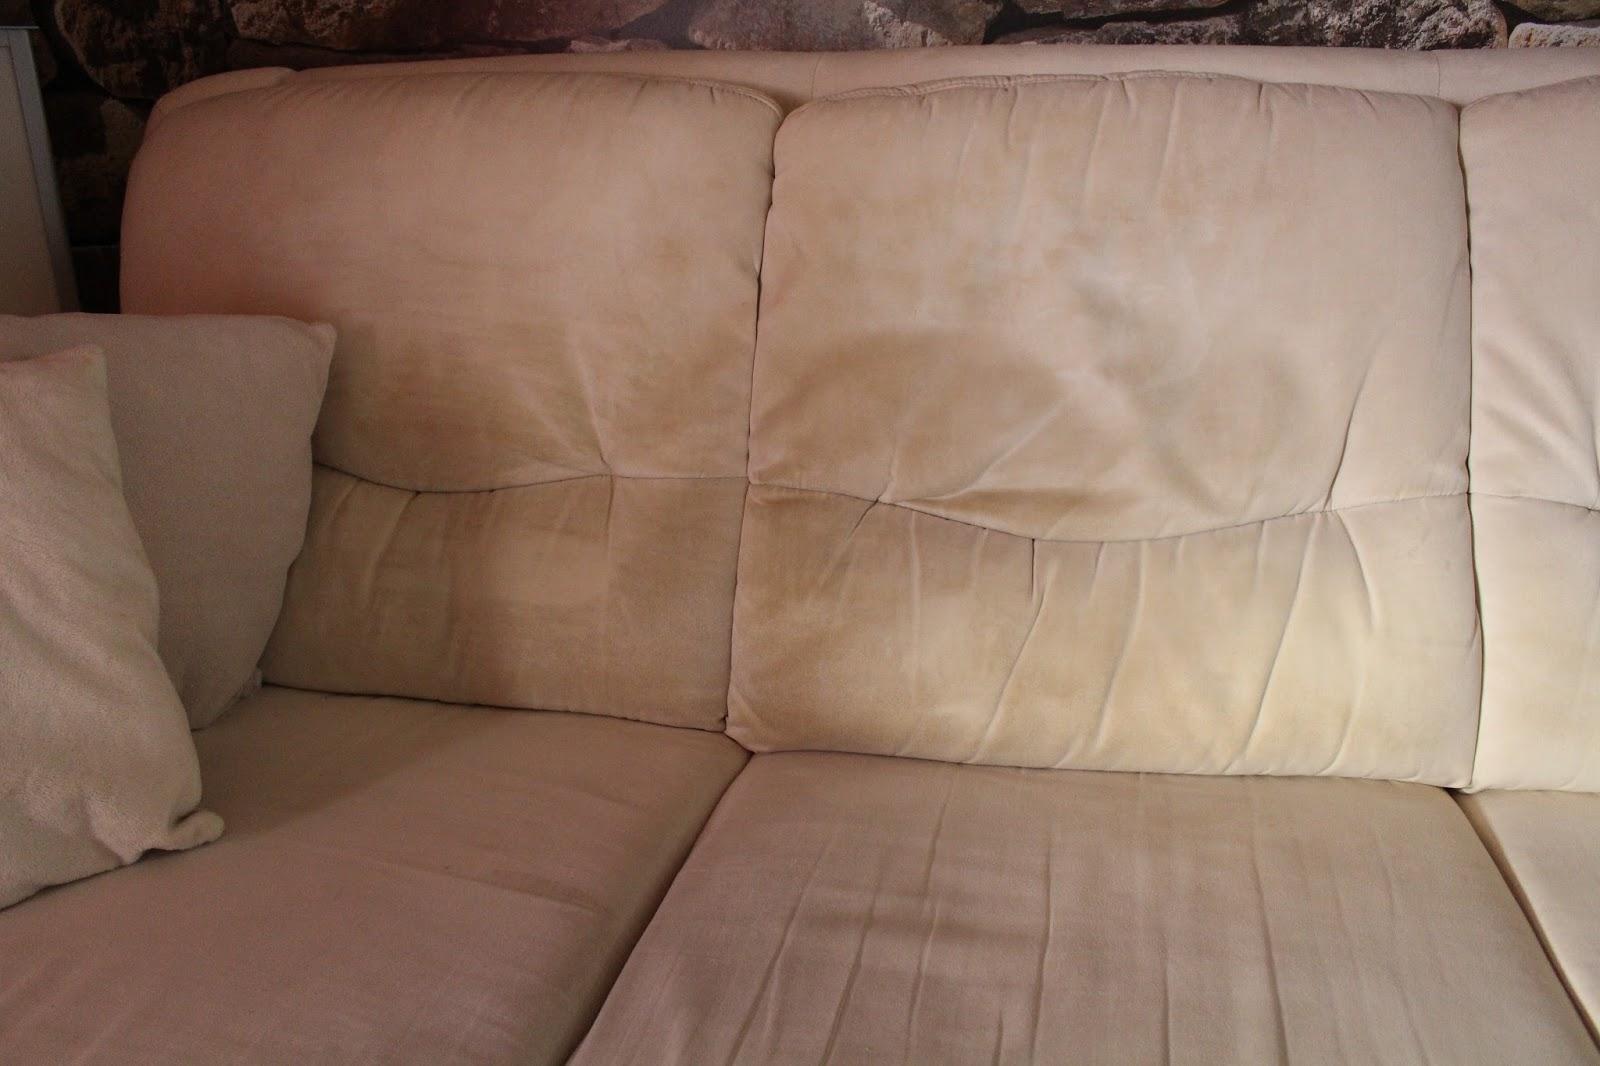 Full Size of Sofa Reinigen Jucheer Testet Mit Der Lederpflege Lck Blaues Schlaffunktion Federkern Günstiges Chippendale 3 Sitzer Wk Dauerschläfer Barock Big Kaufen Bora Sofa Sofa Reinigen